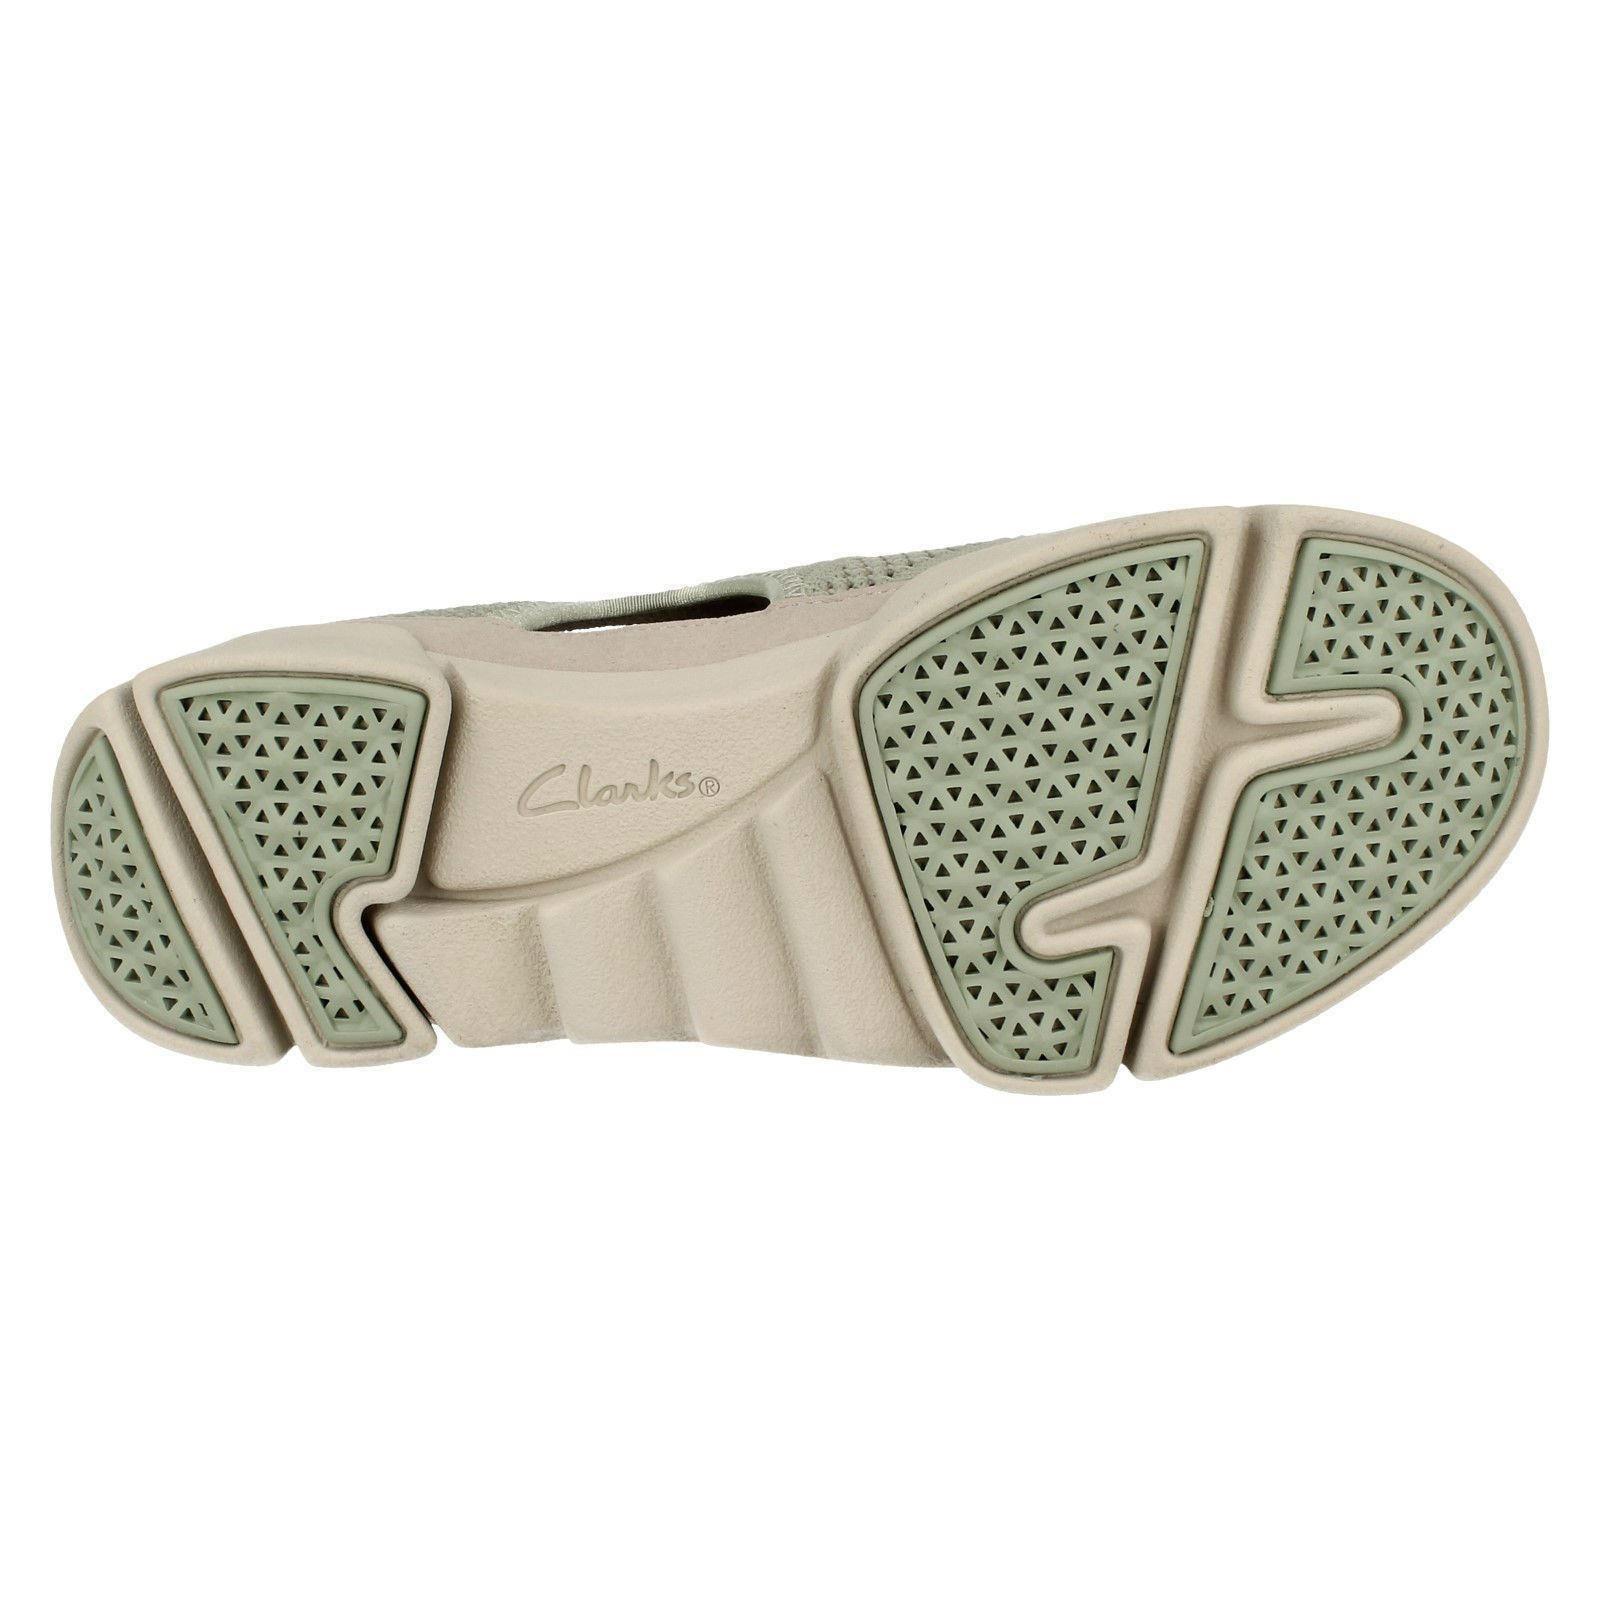 Sandali Donna Clarks Casual tagliato dettaglio Scarpe Tri Blossom | | | Ideale economico  7eb5bf